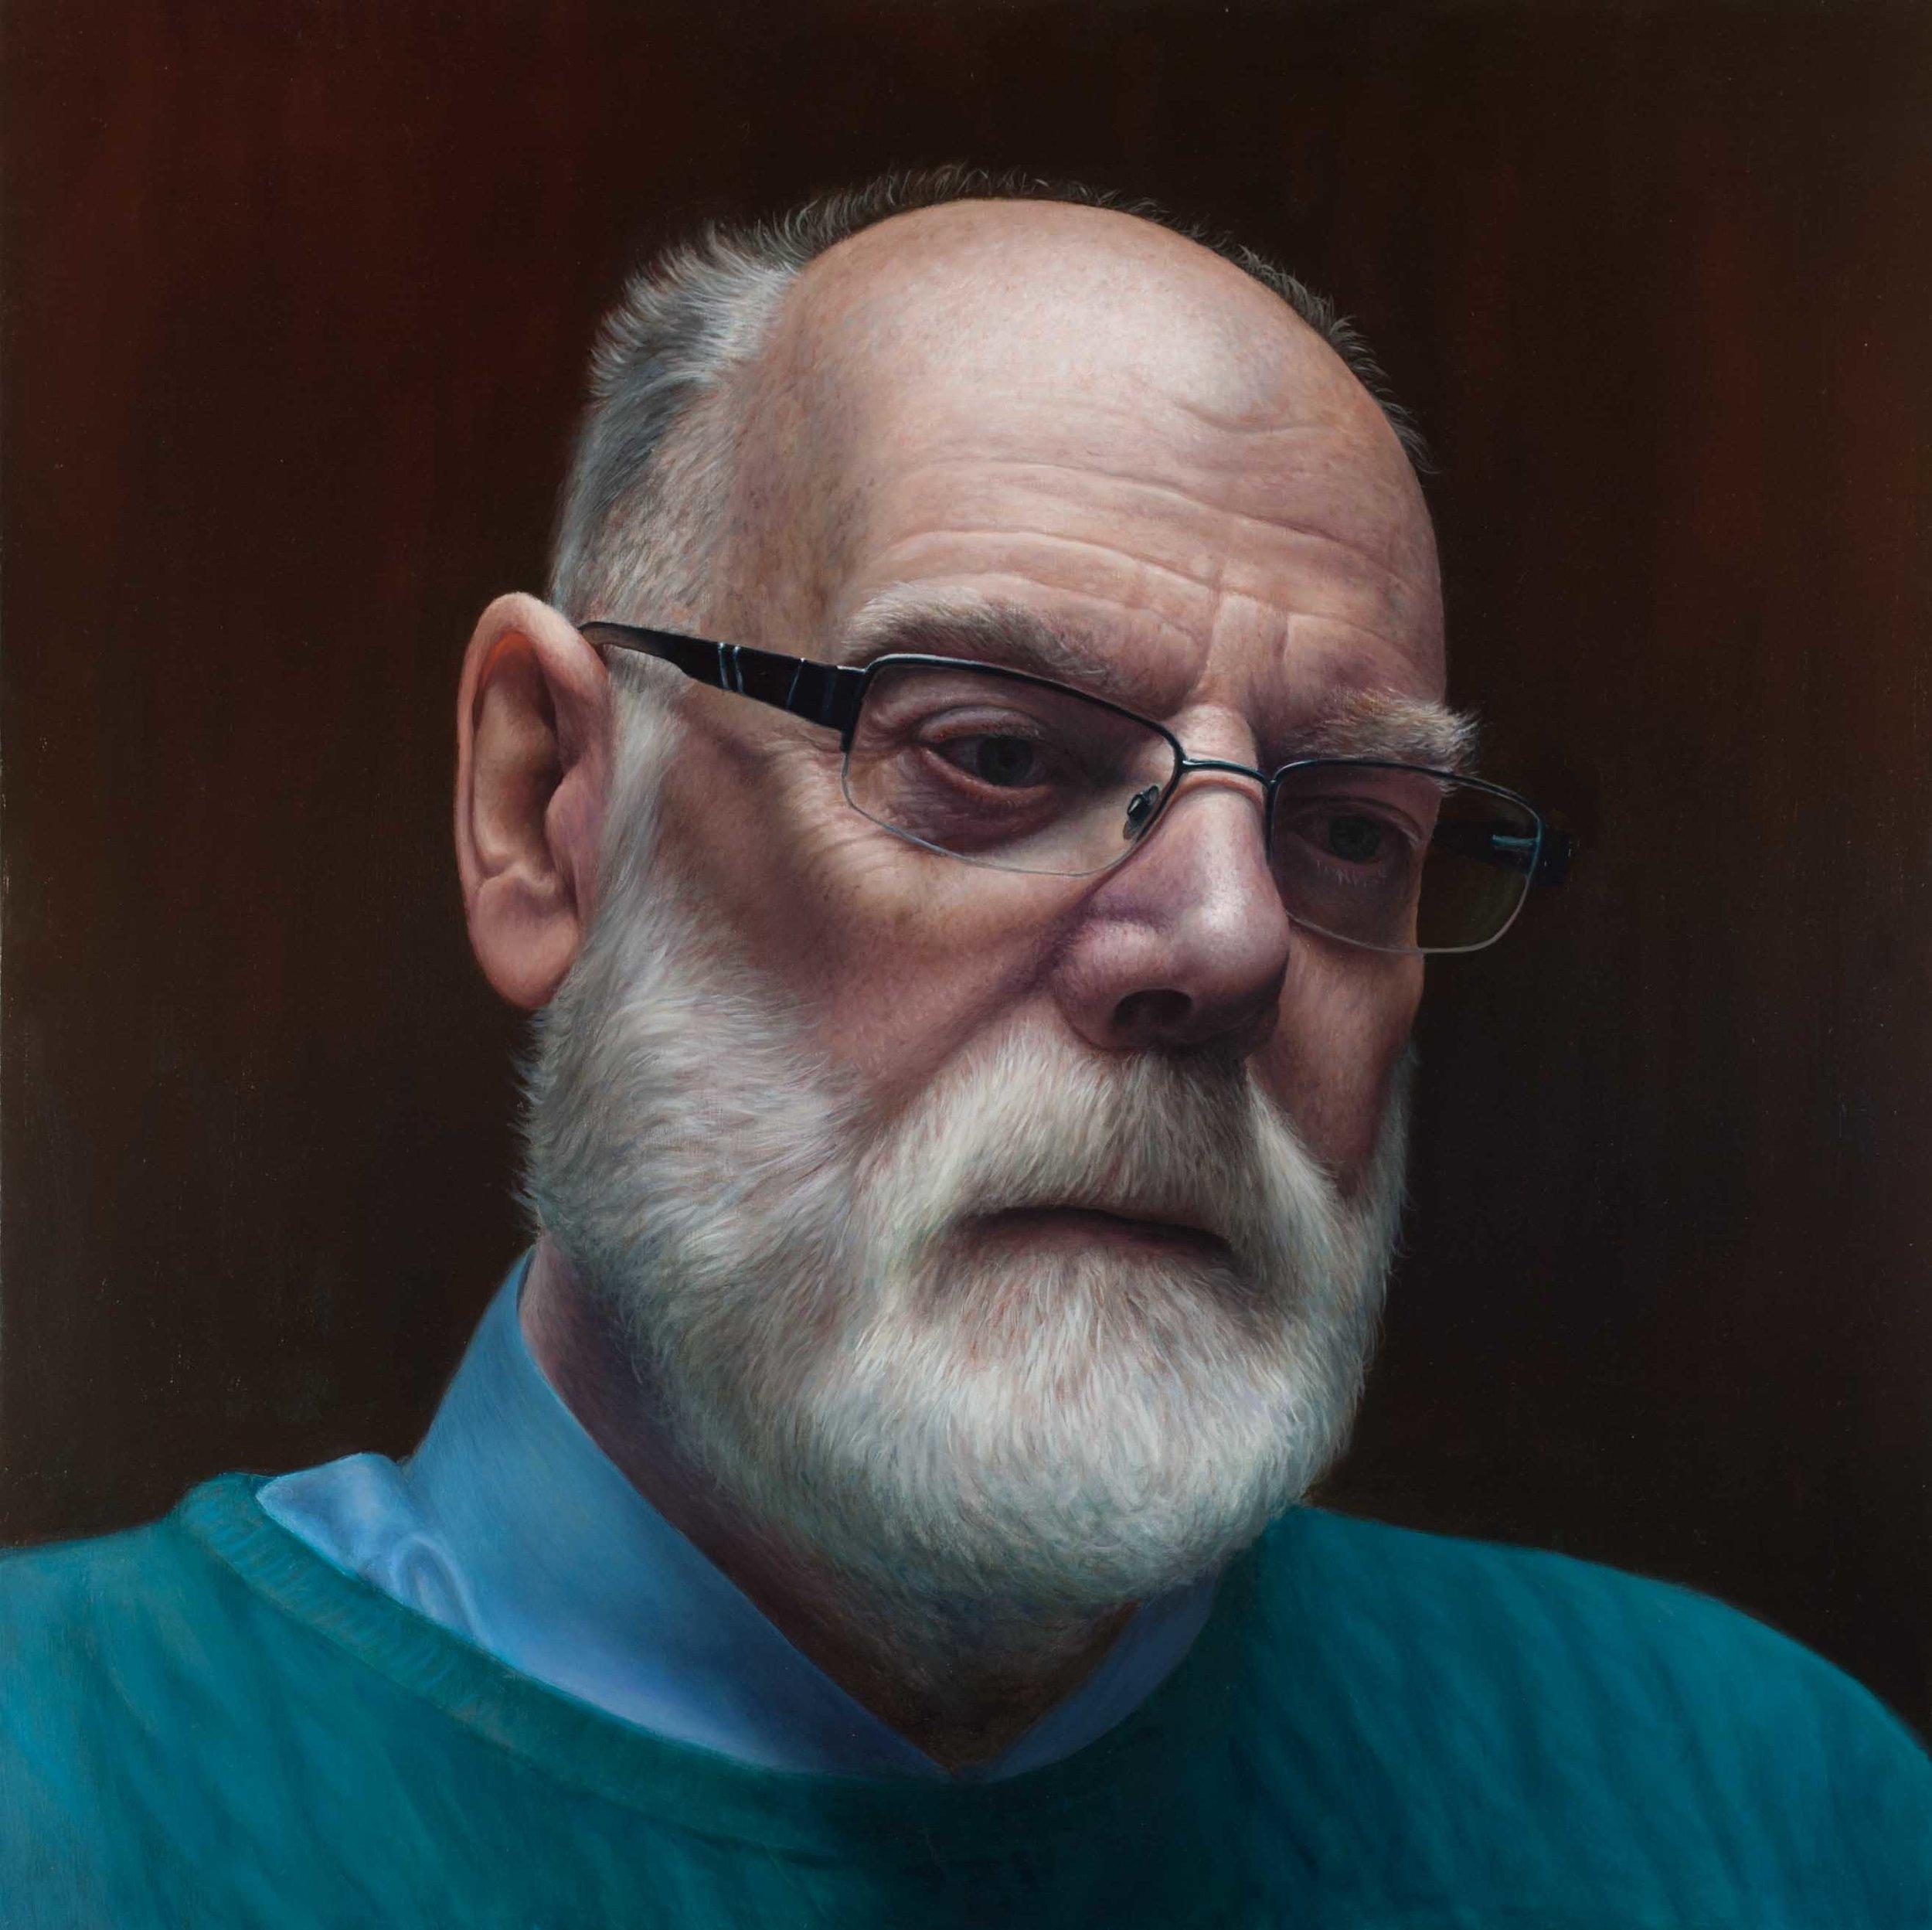 Victor Harris, John, Oil on linen, 90 x 90 x 4,  http://www.vicharris.co.uk